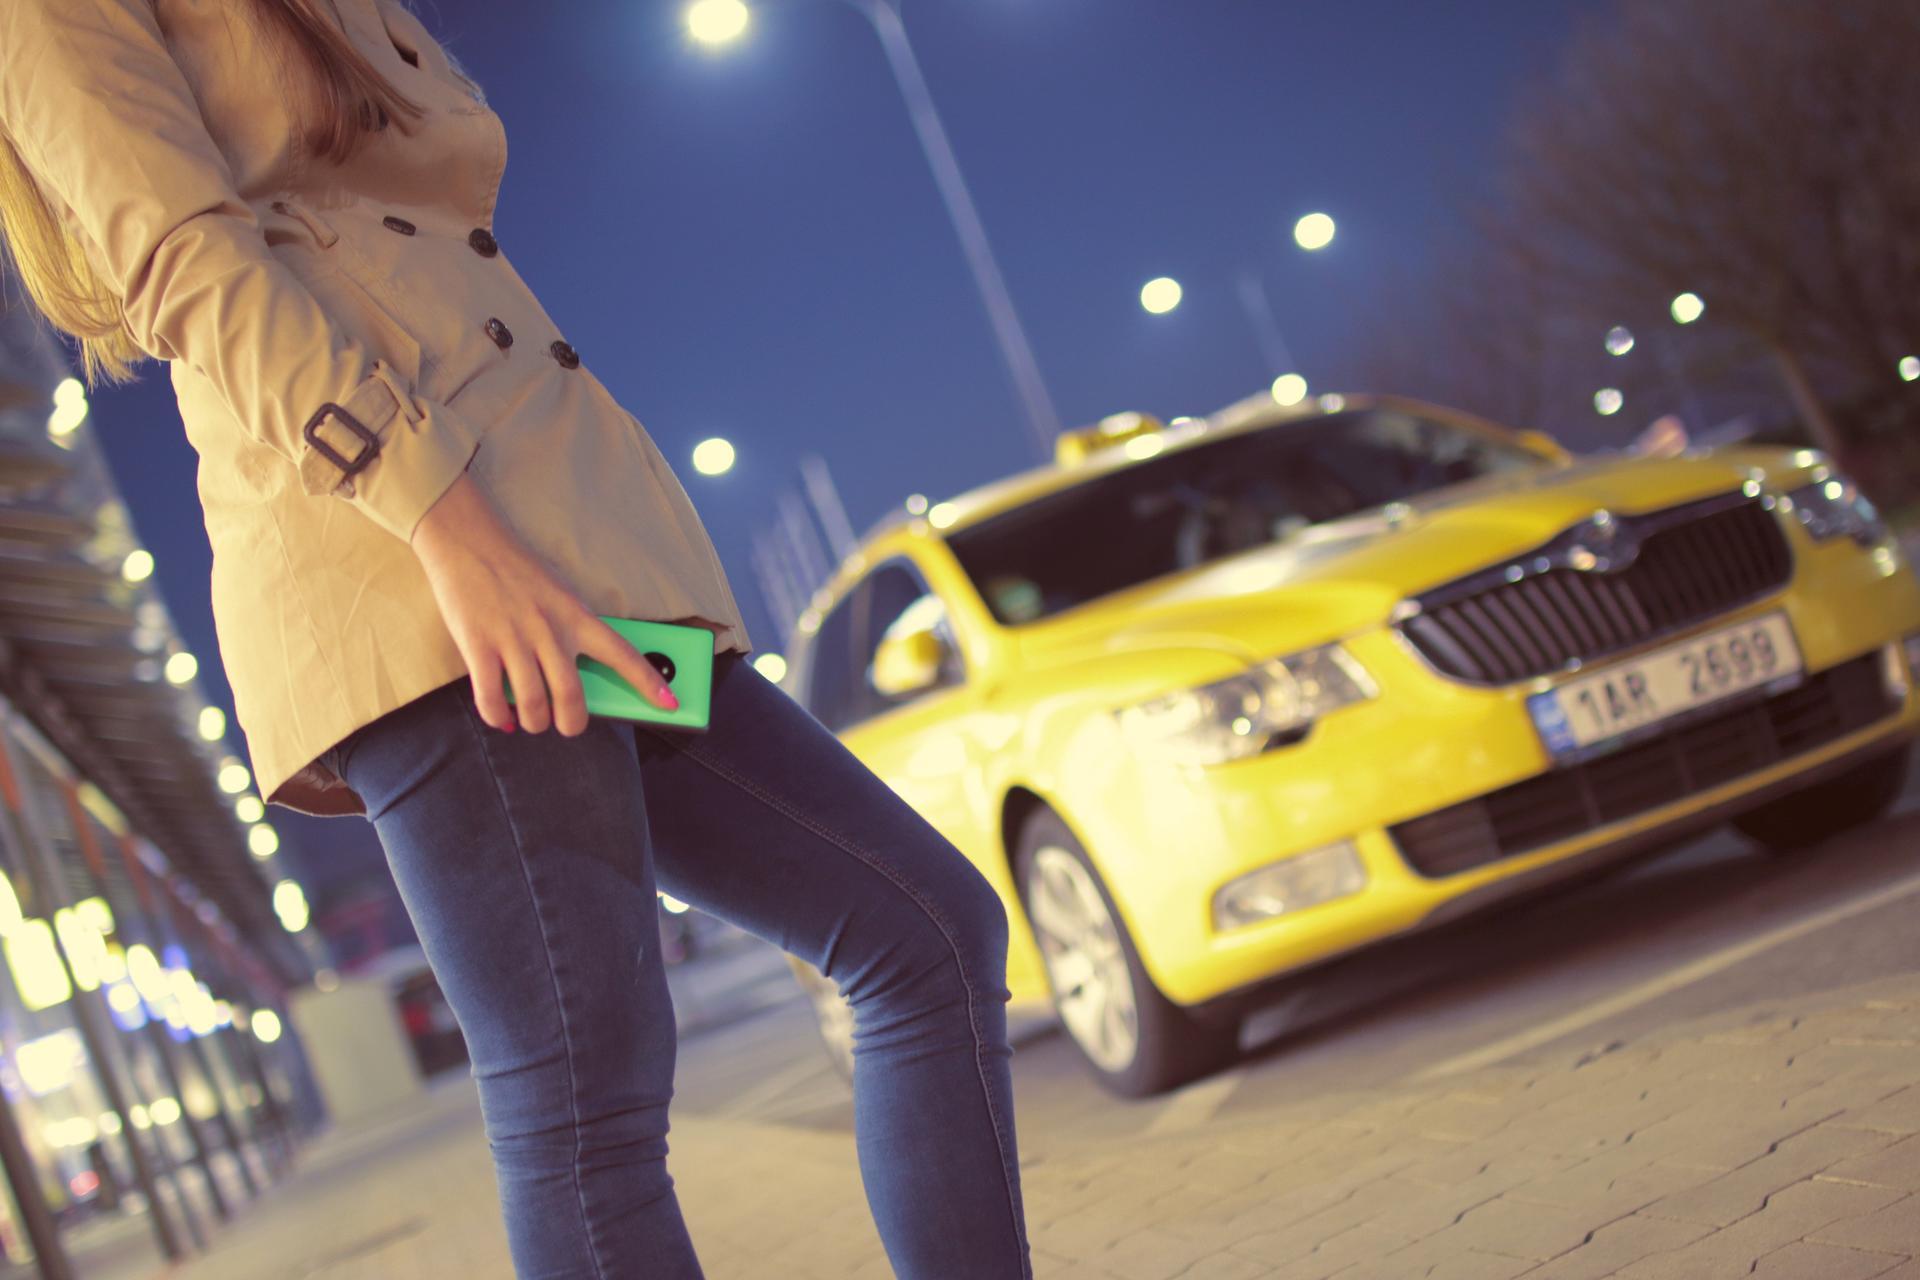 서울시 택시 승차거부 단속 뉴스리포트